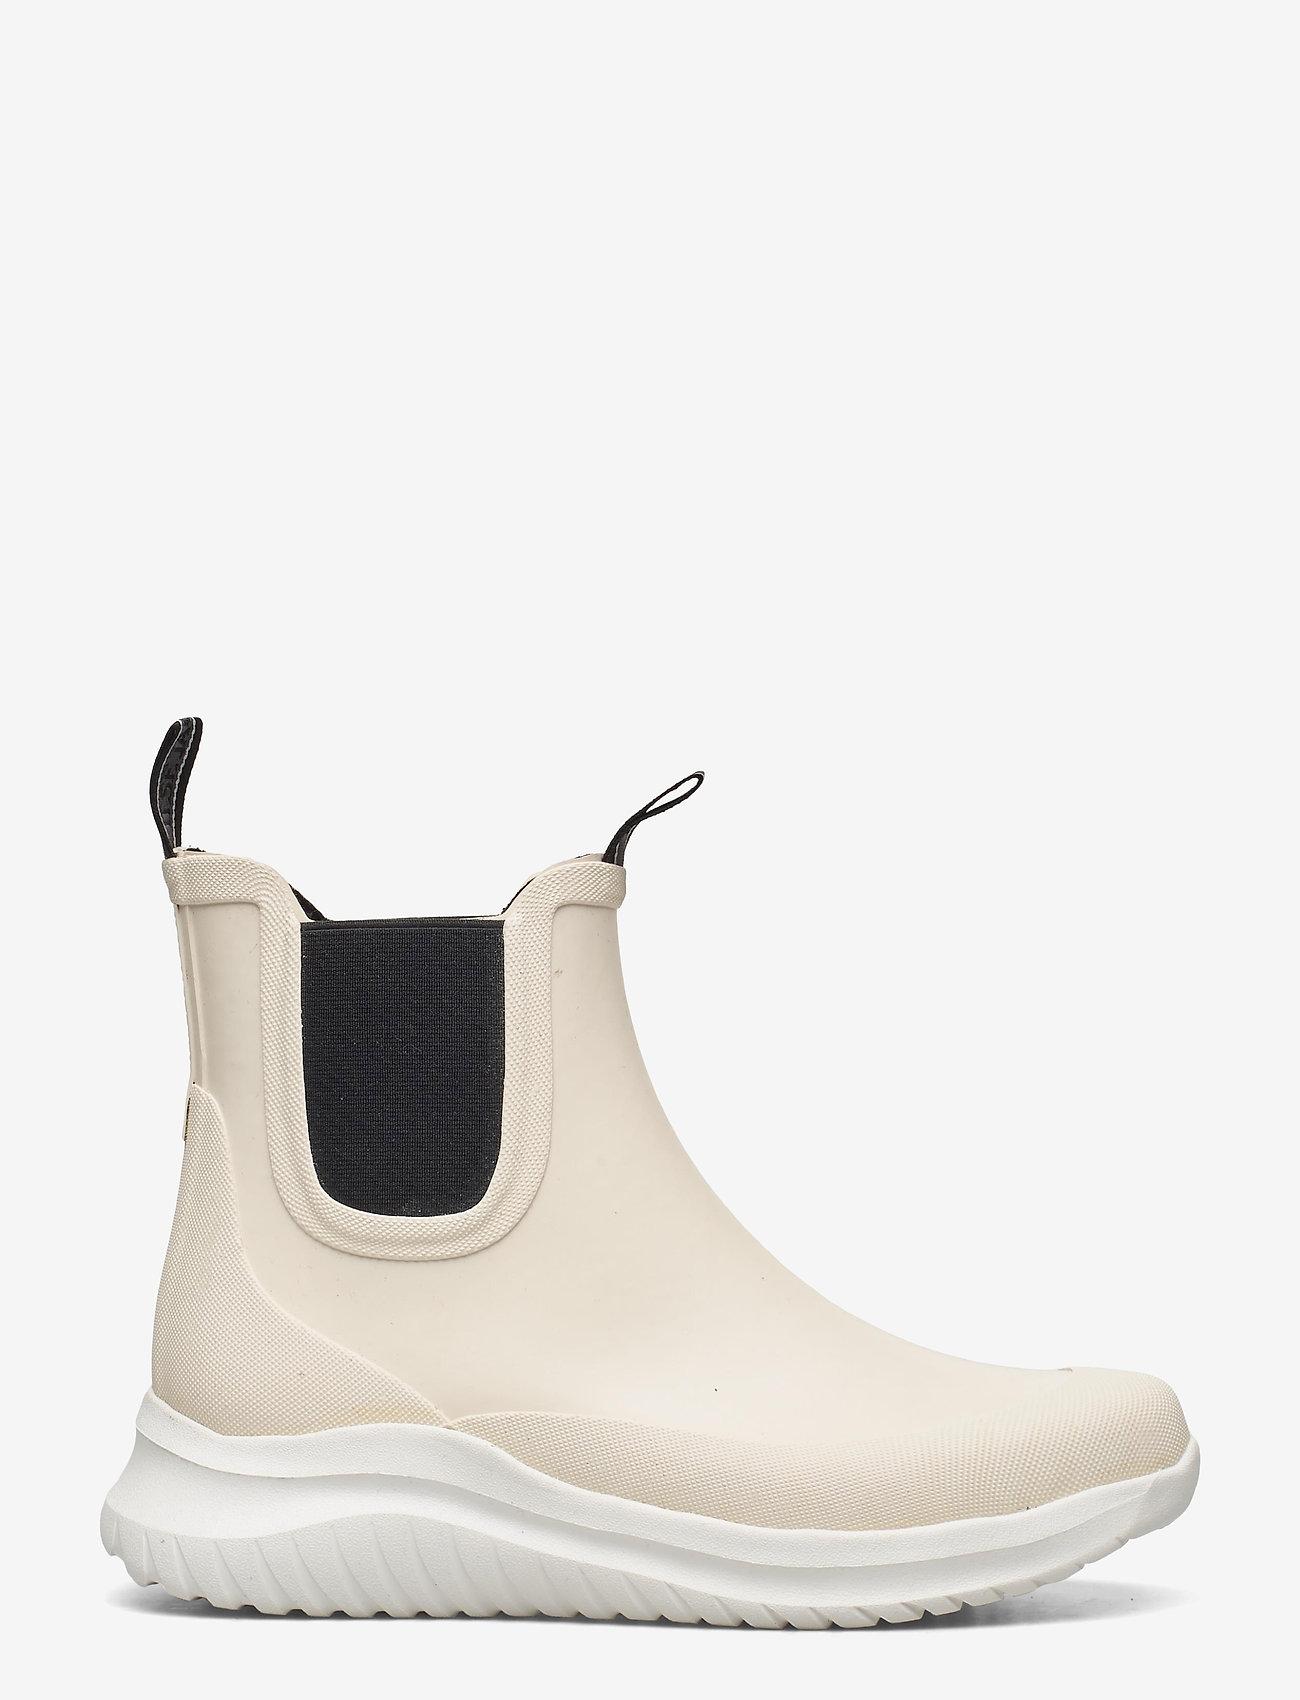 Ilse Jacobsen - Short rubber boots - bottes de pluie - milk creame - 1